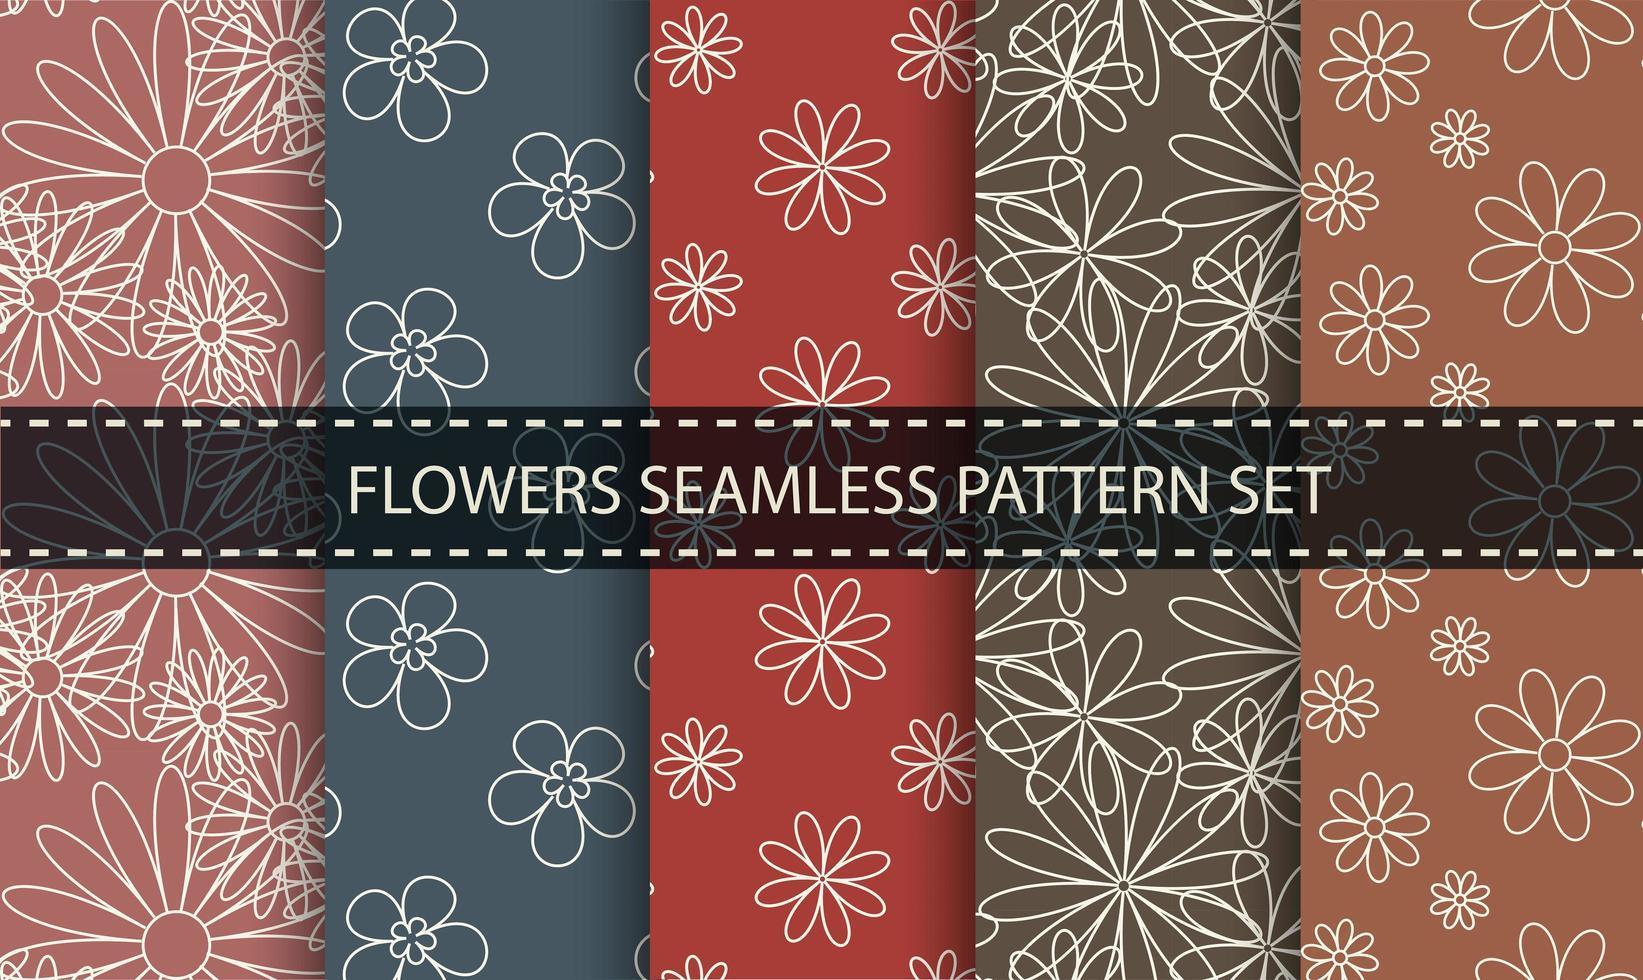 blomma disposition sömlös mönsteruppsättning. vektor